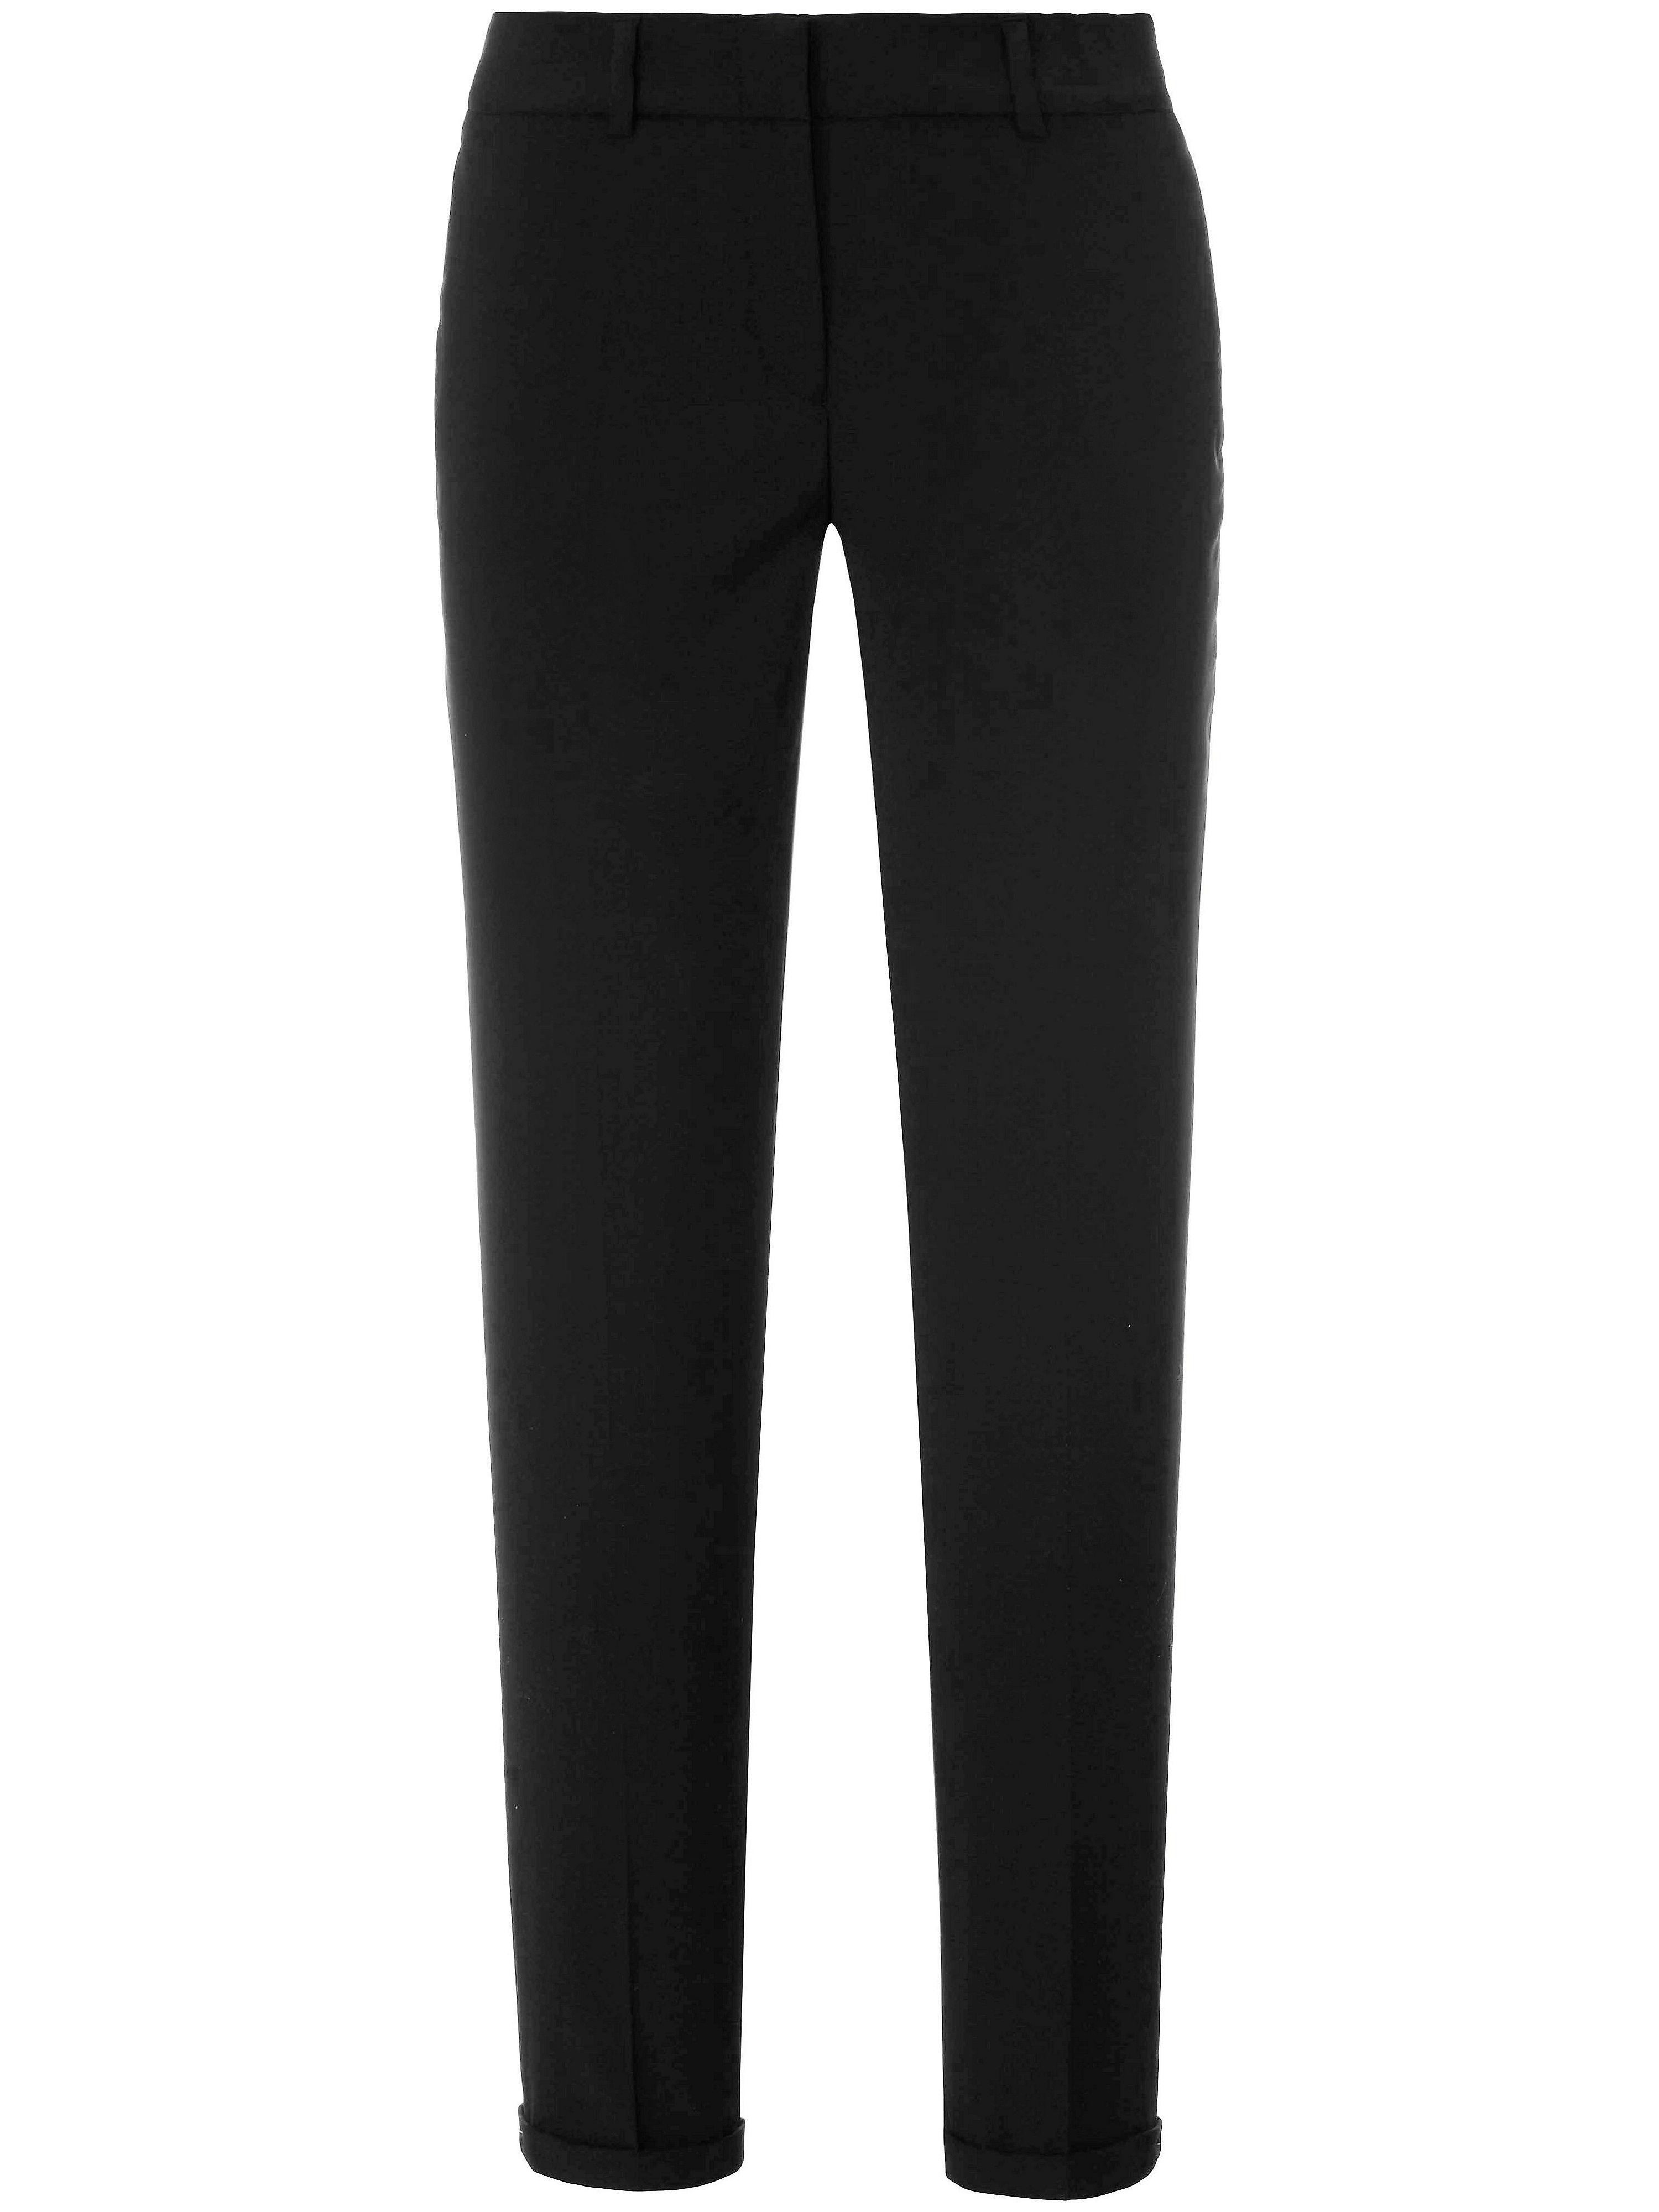 Le pantalon  St. Emile noir